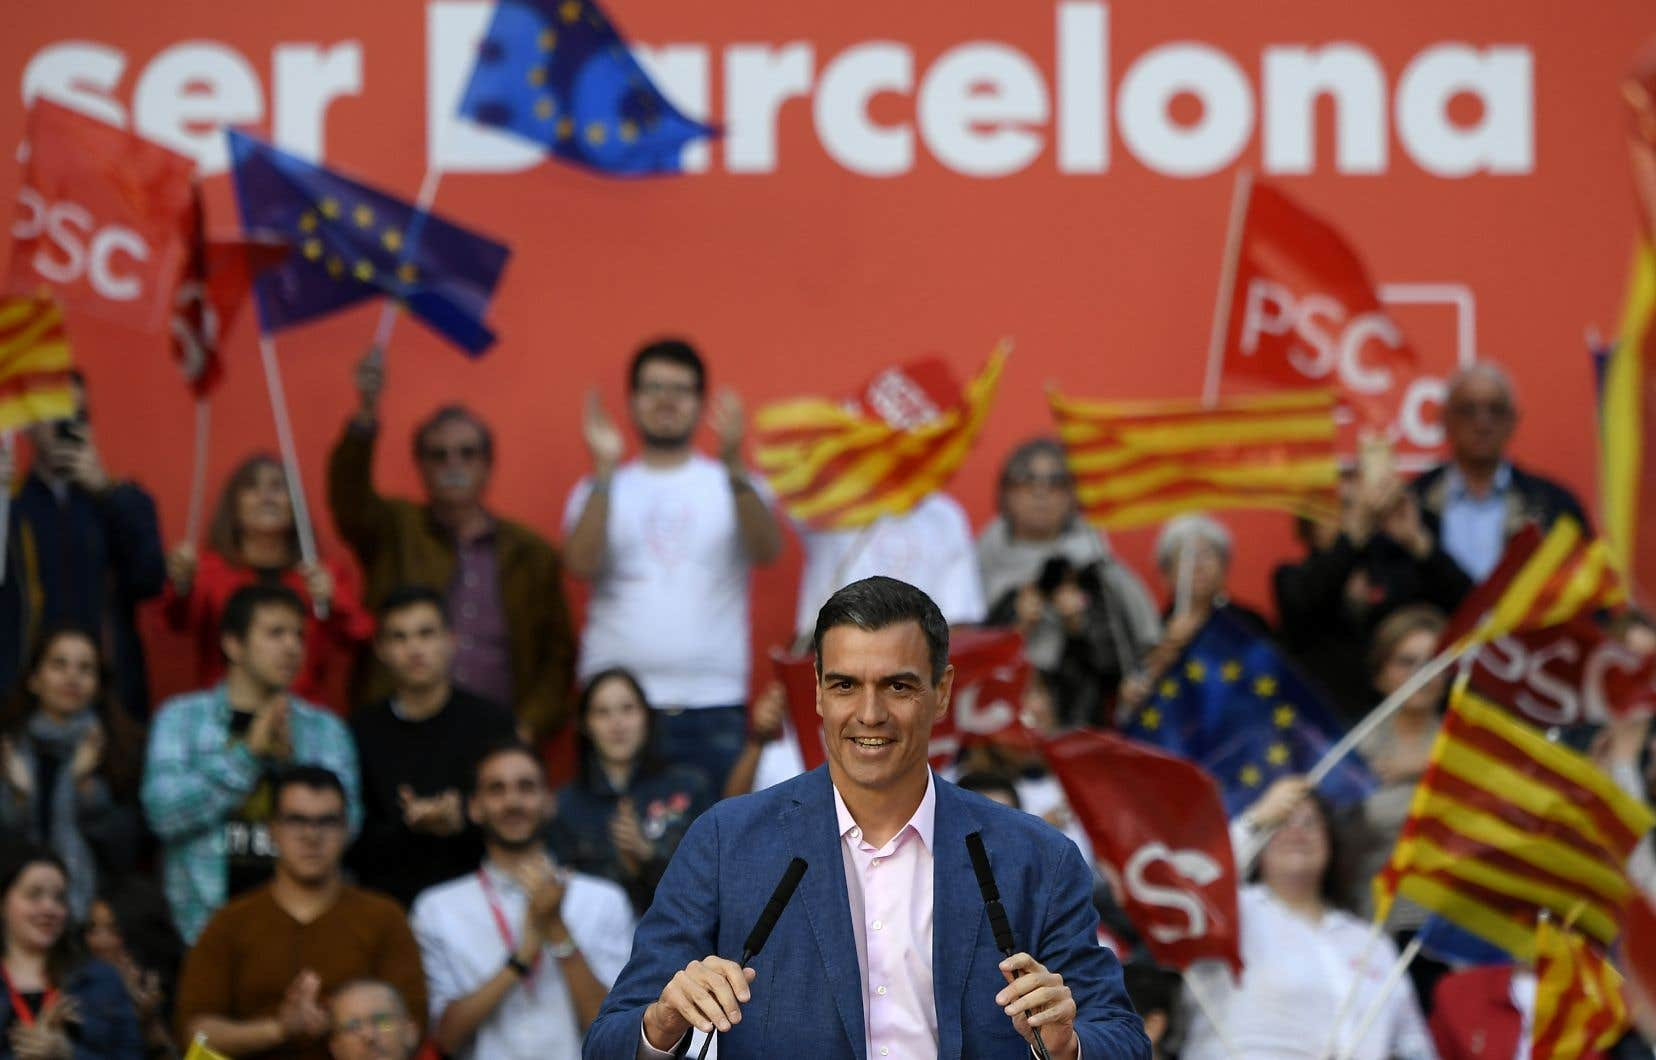 Grand espoir des sociaux-démocrates européens, Pedro Sanchez entend profiter de son succès, s'il se confirme, pour placer un Espagnol à l'un des postes clés en jeu prochainement dans l'UE.